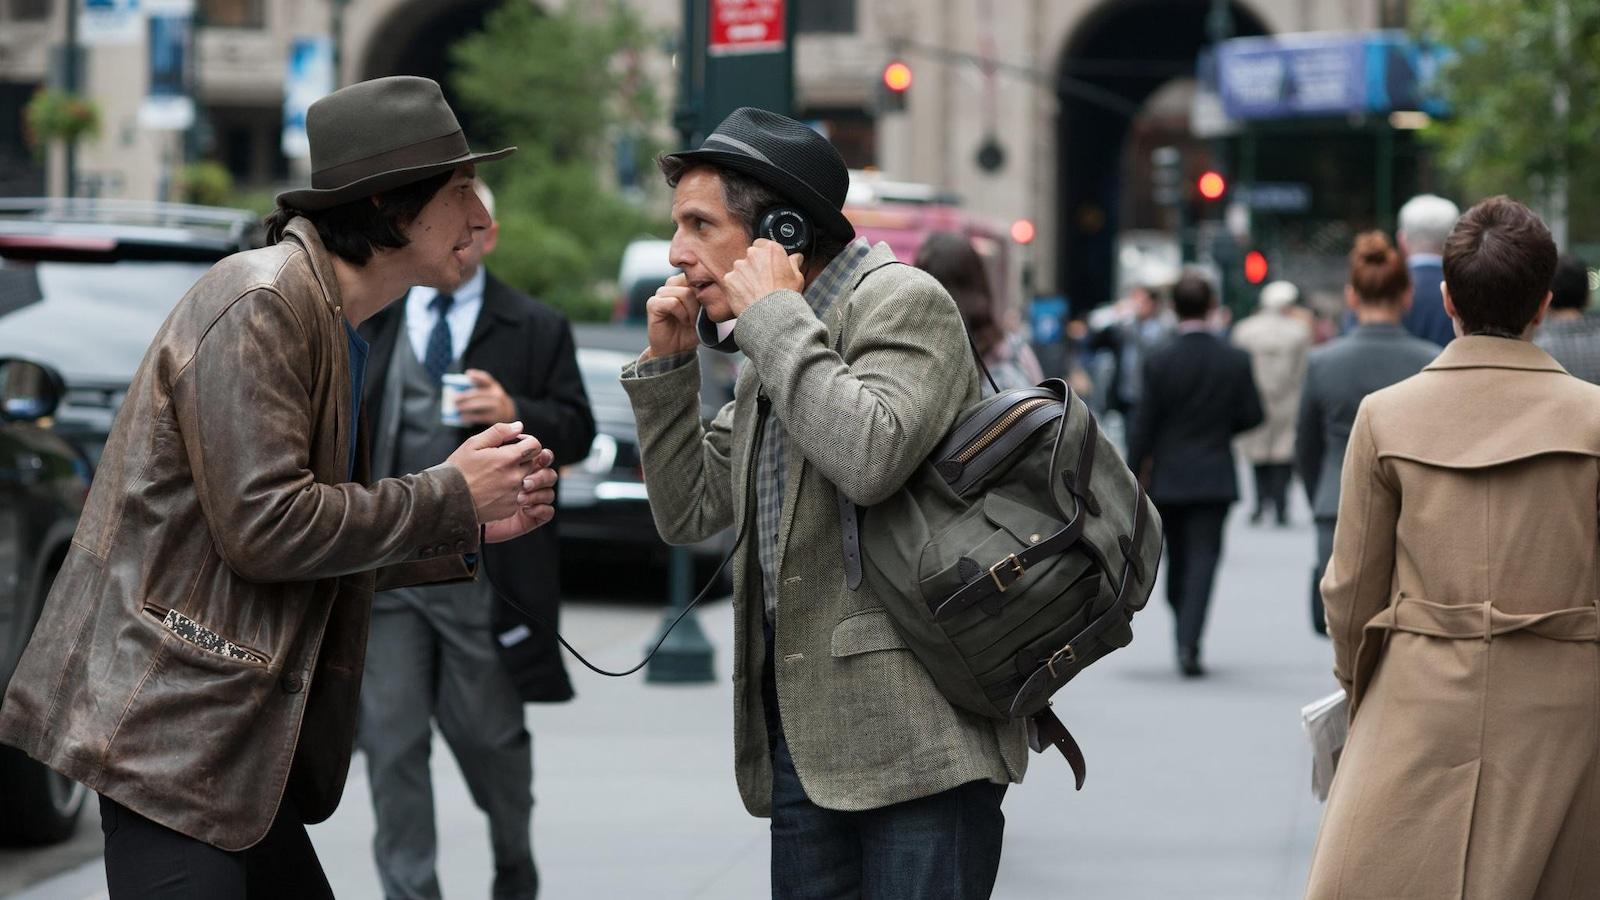 Dans la rue, un homme portant un chapeau (Adam Driver) fait écouter avec des écouteurs quelque chose à un autre homme portant aussi un chapeau (Ben Stiller).